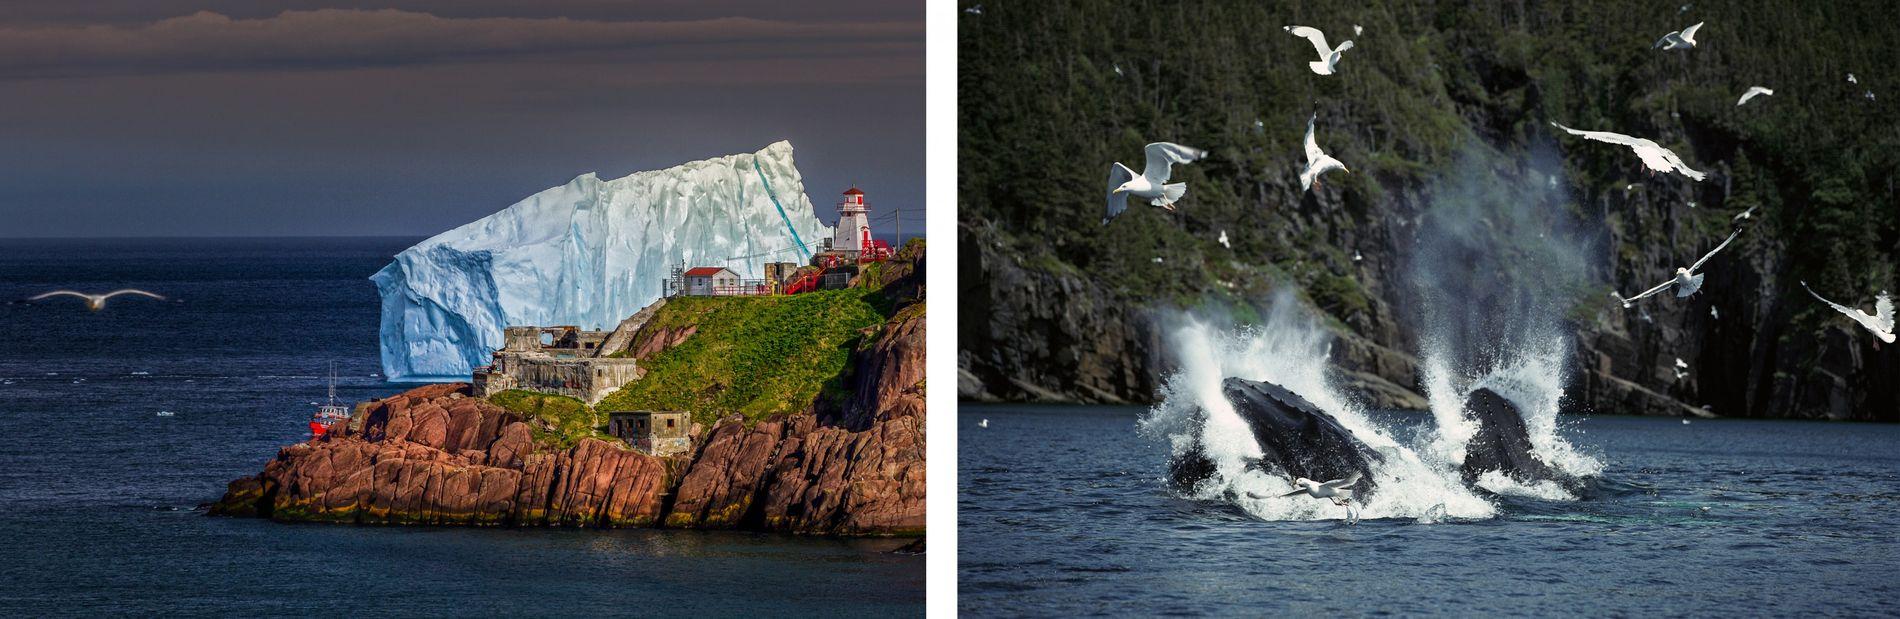 GAUCHE: Chaque printemps, des icebergs massifs vieux de 10 000 ans se détachent des glaciers de ...